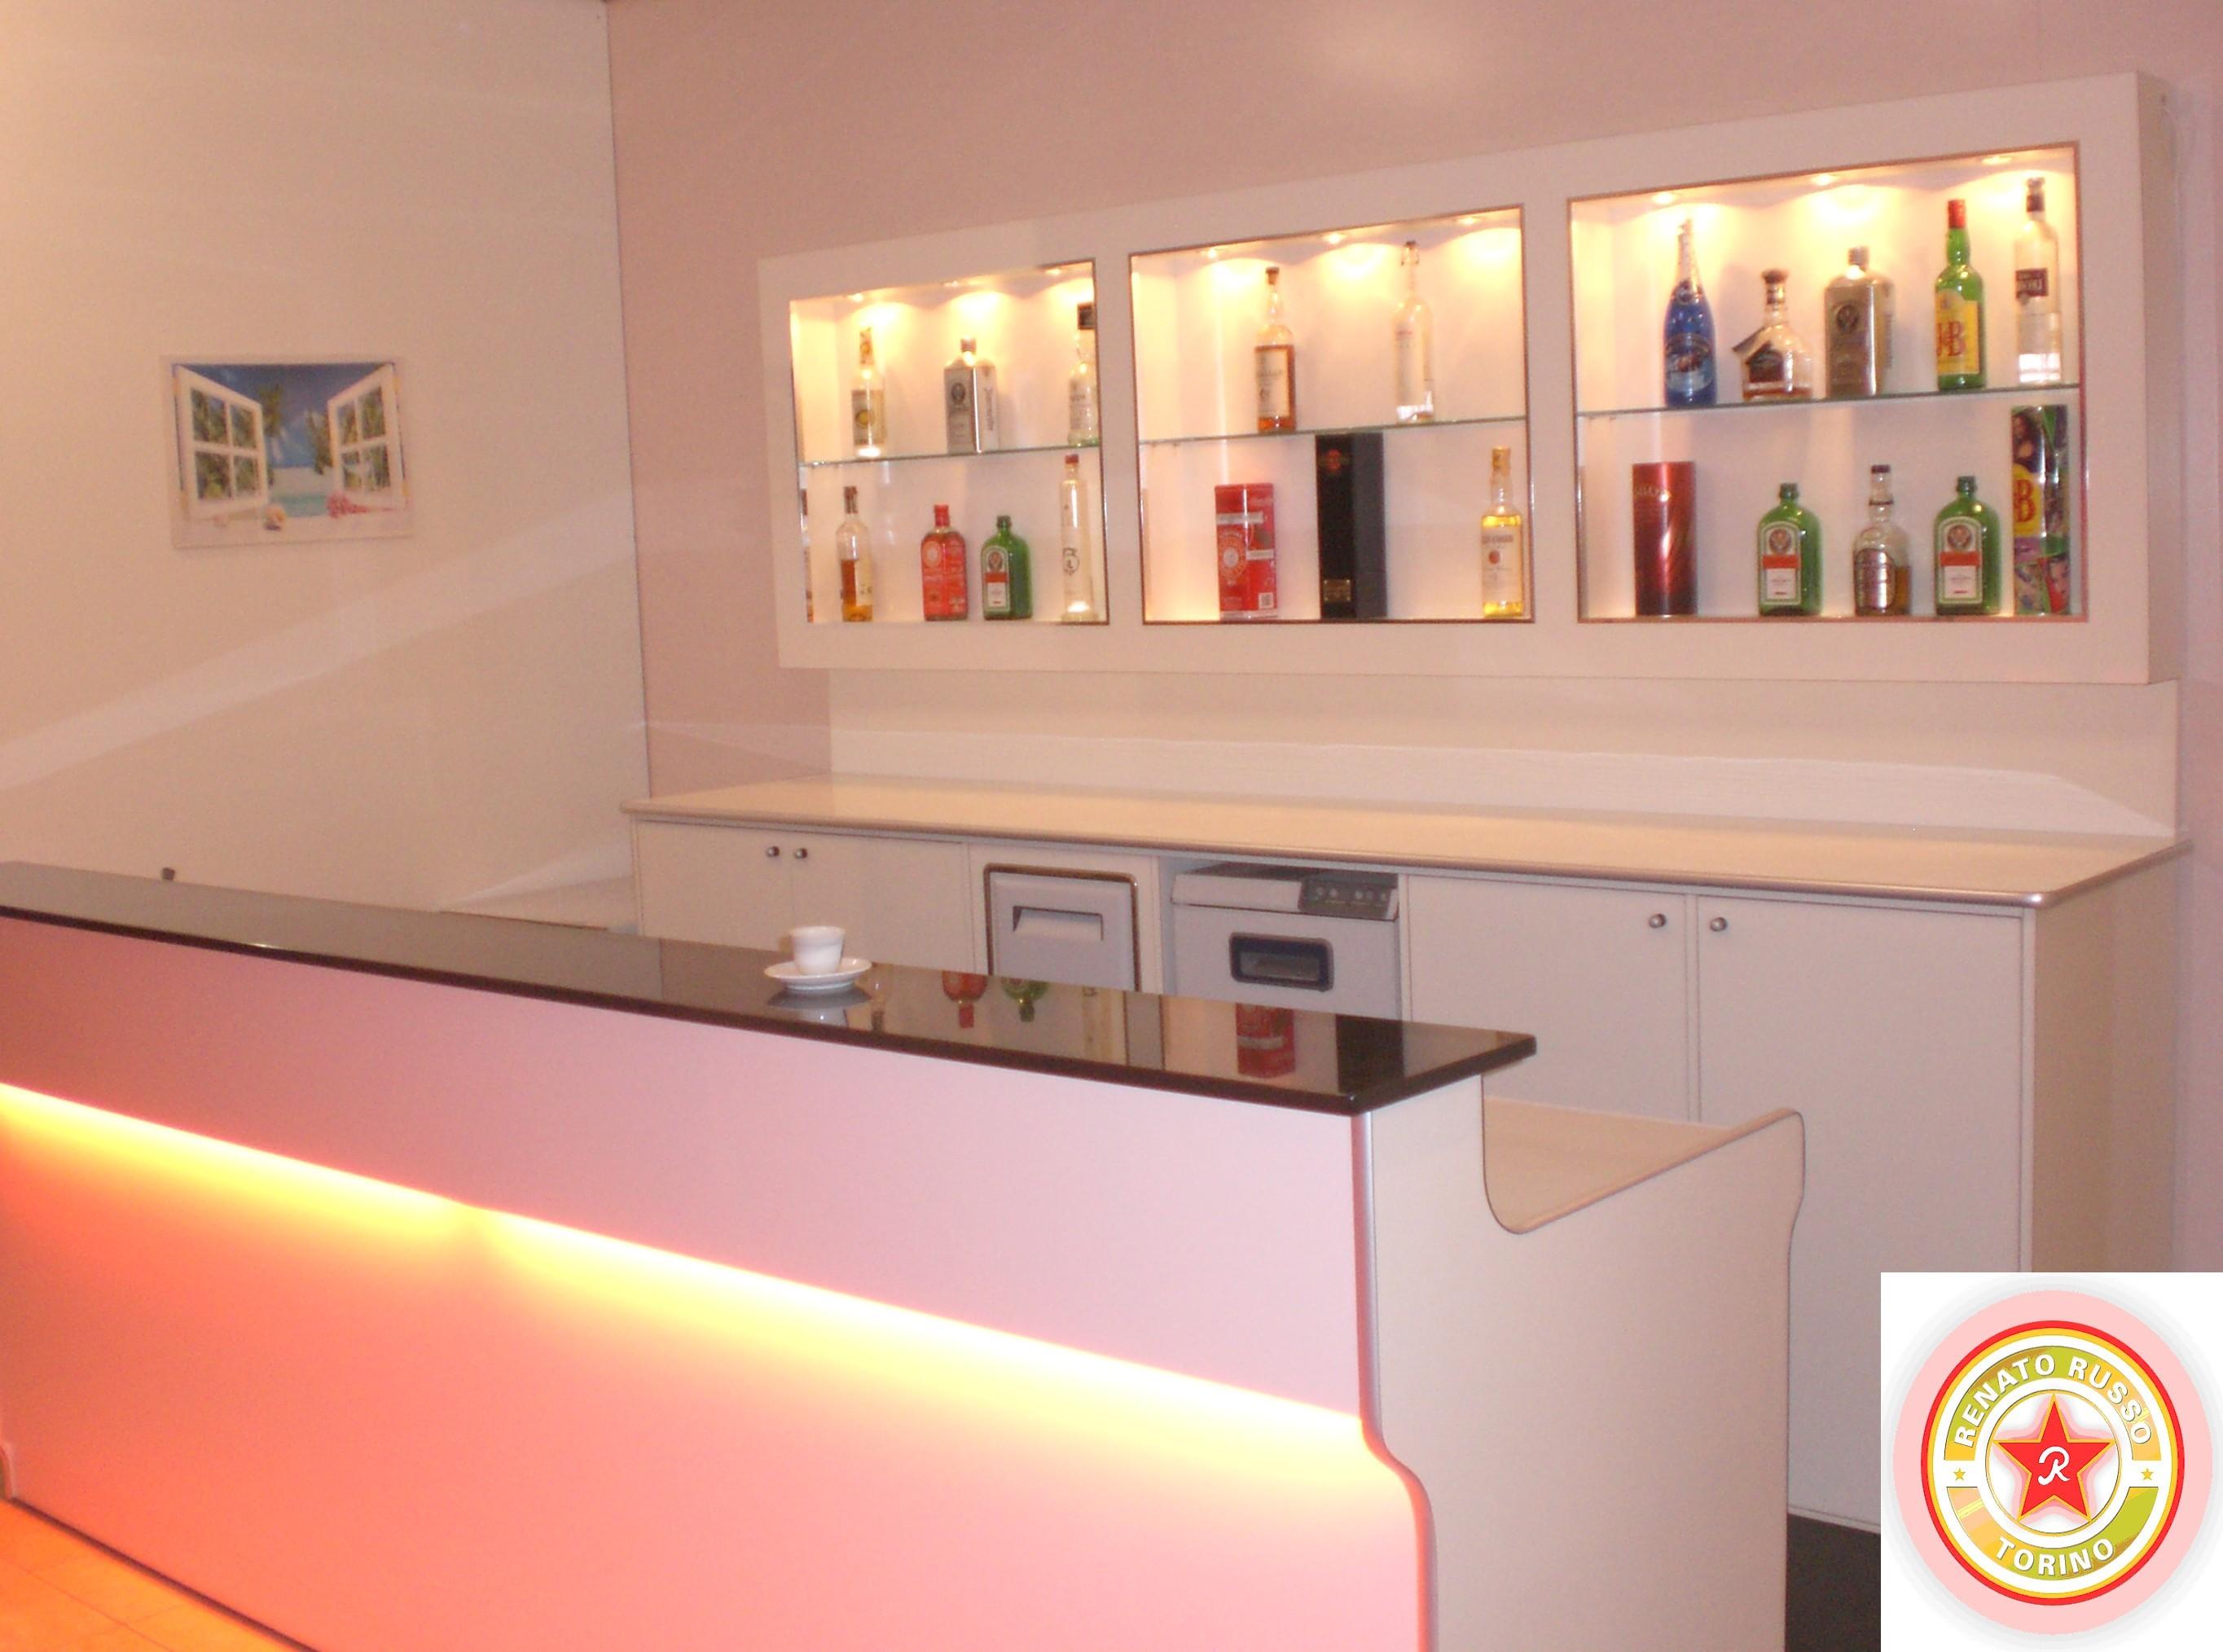 Produttori banconi bar dal 1980 renato russo torino for Martini arredamenti